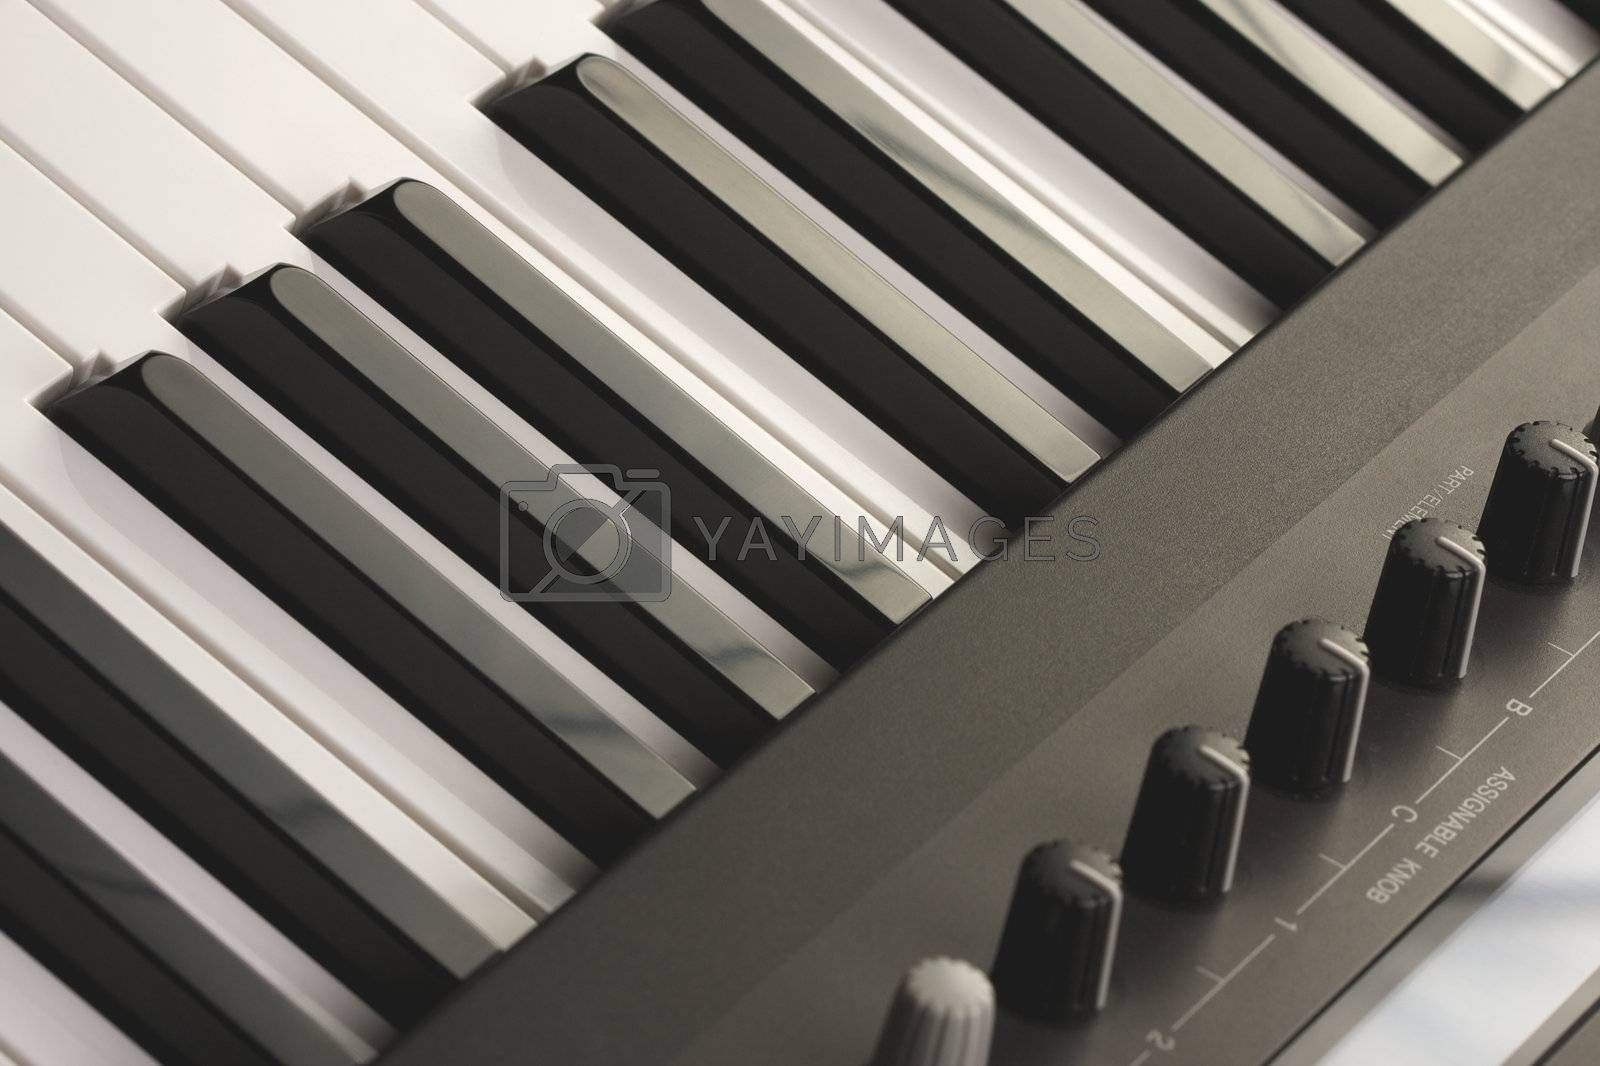 Abstraact Digital Piano Keyboard & Controls